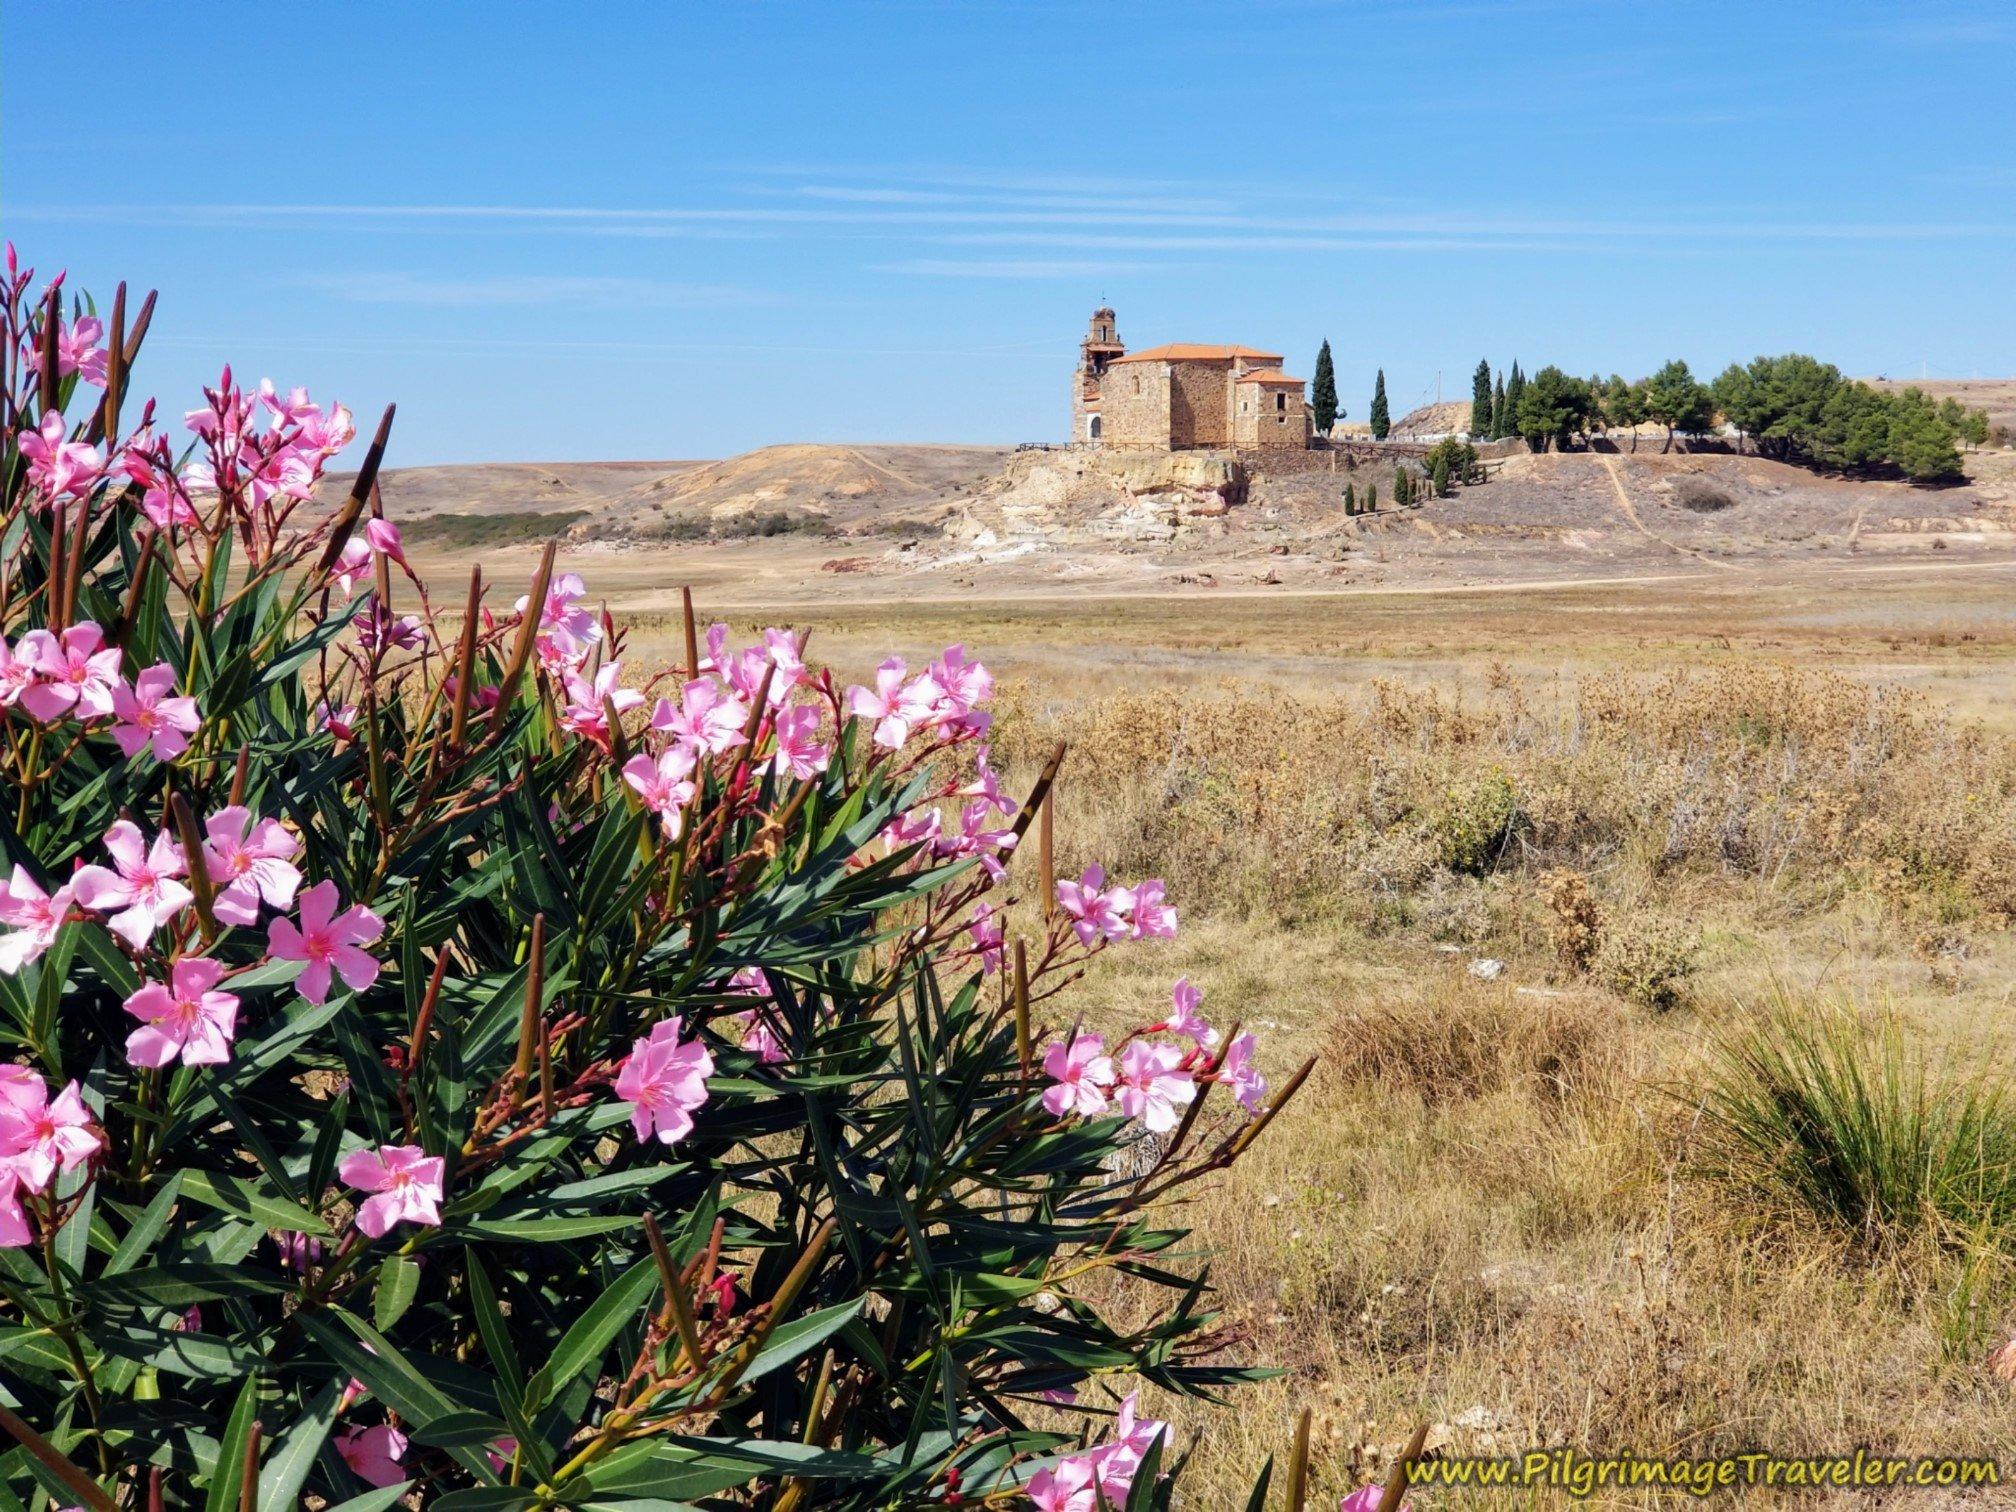 Oleander and the Ermita de la Virgen del Castillo